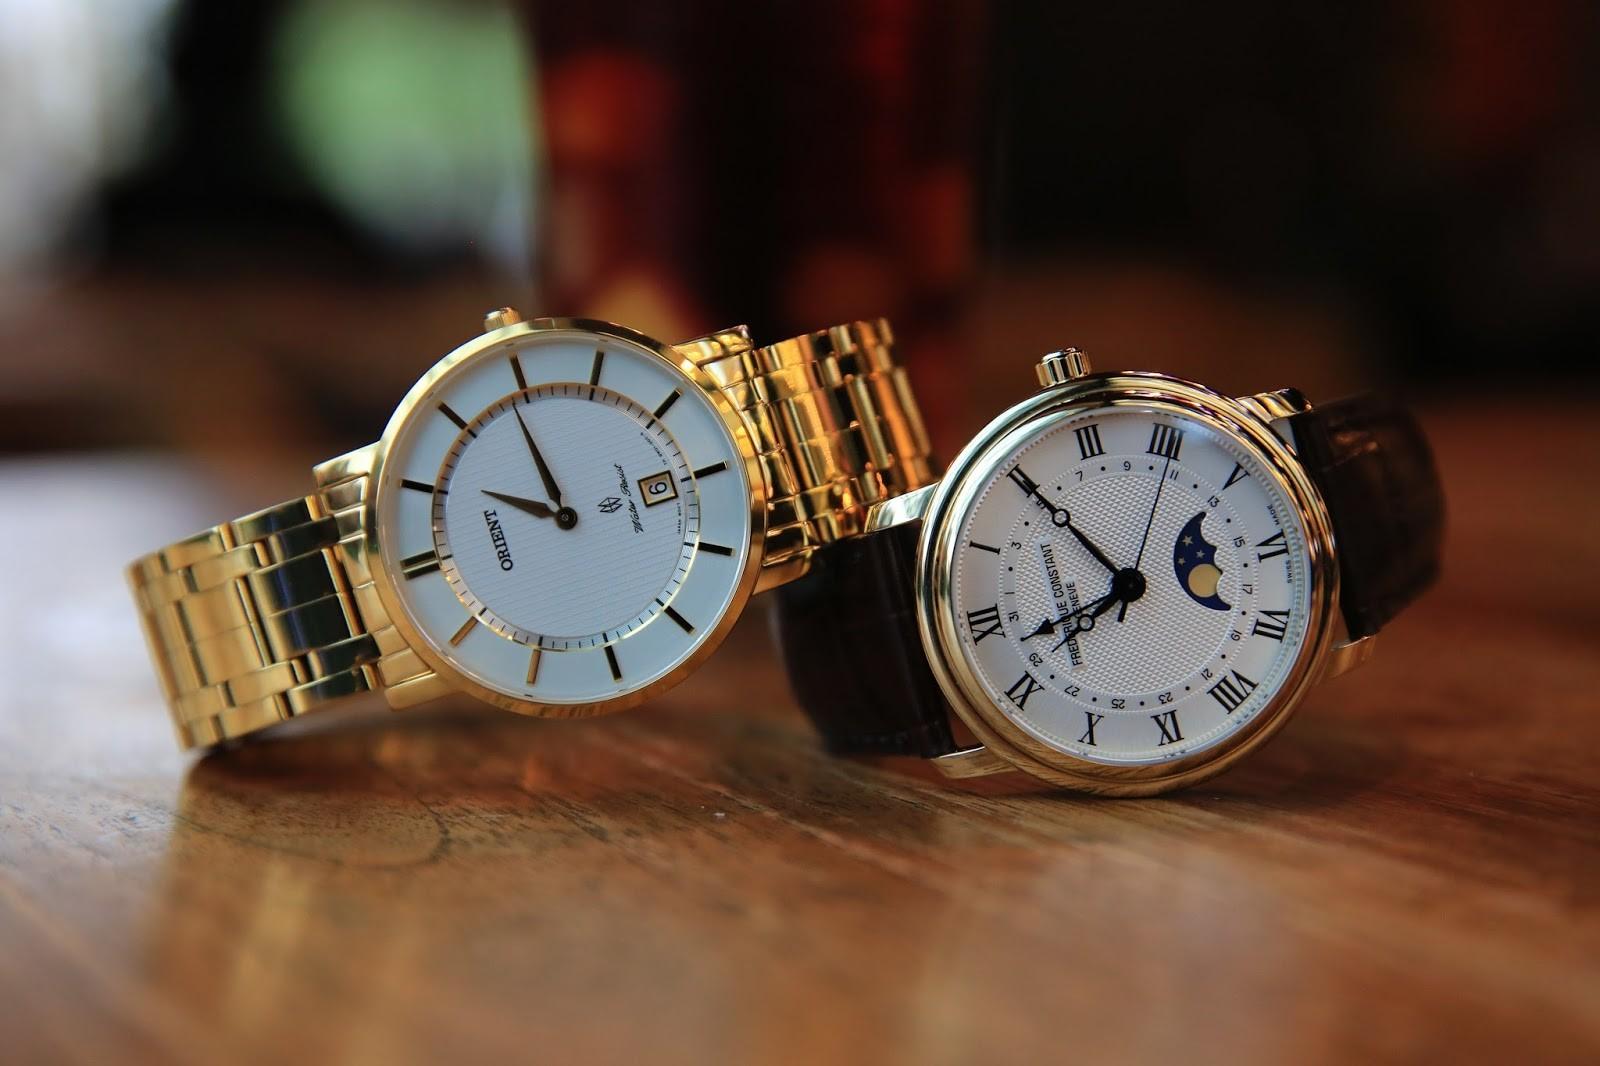 chọn thương hiệu đồng hồ Thụy Sỹ nam theo giá